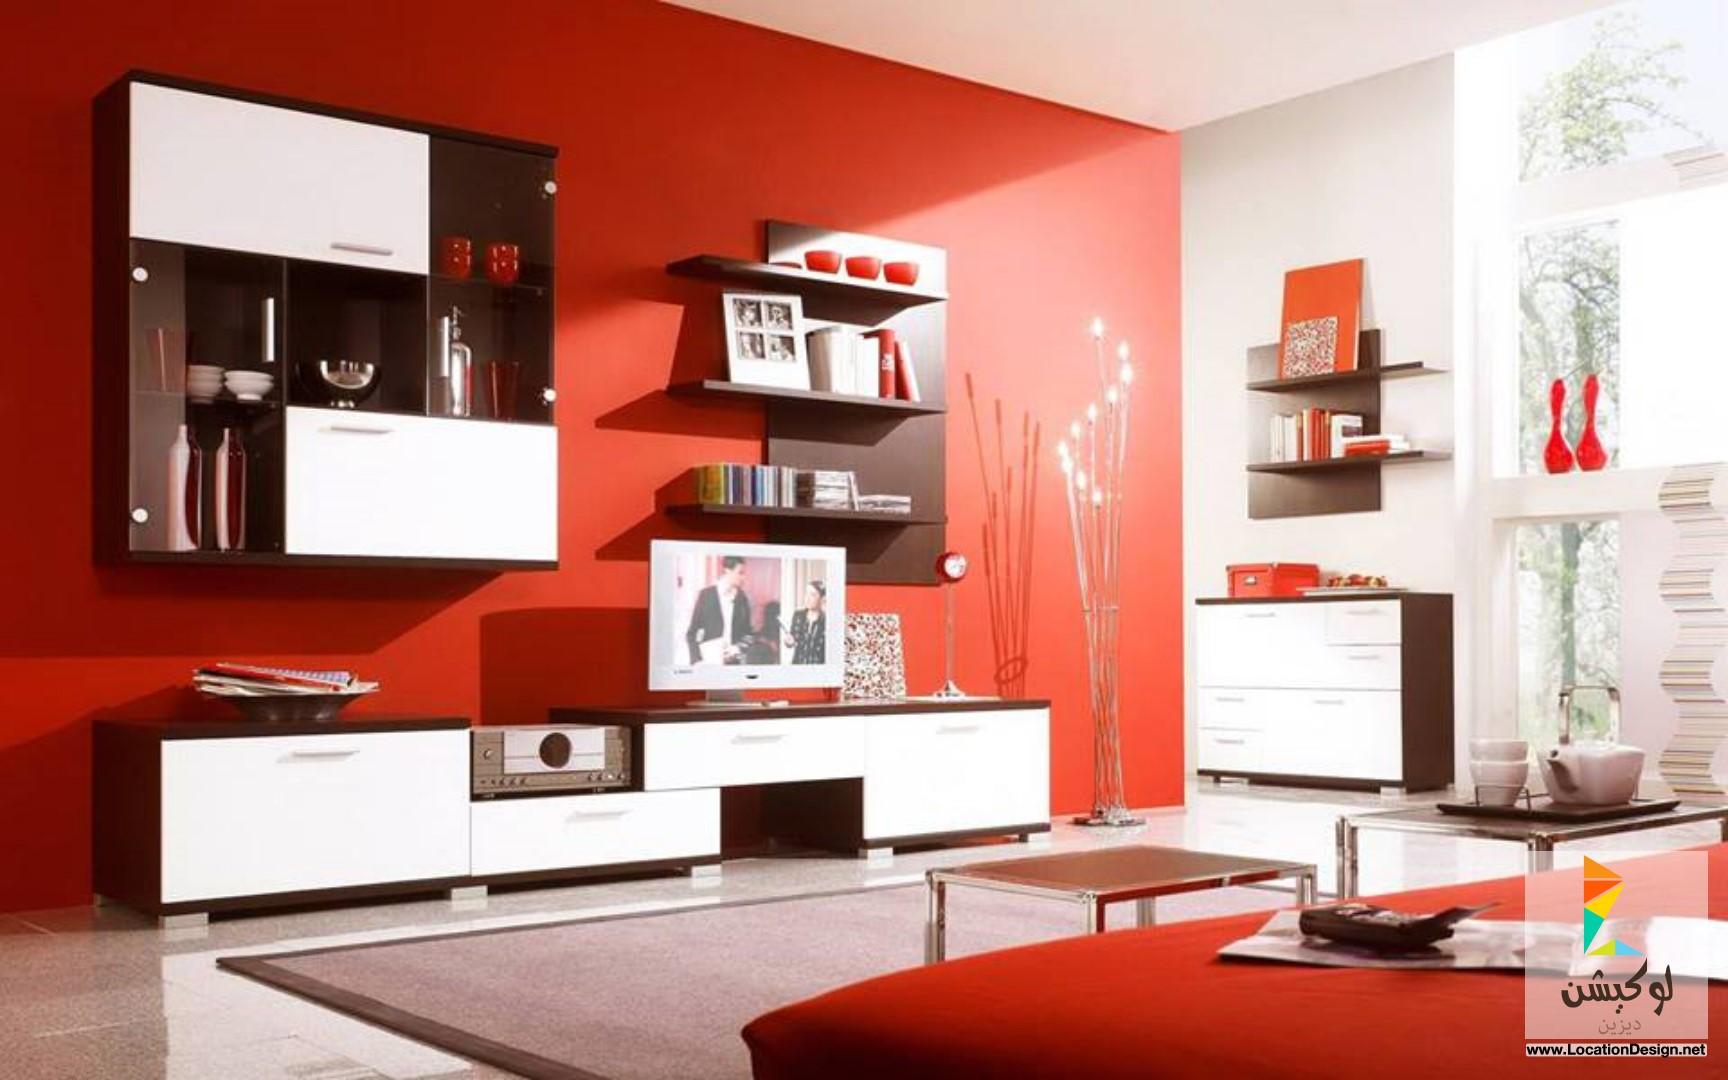 بالصور تصاميم مكاتب منزلية مودرن صور مكتبات منزلية , احدث مكاتب منزلية 3274 3